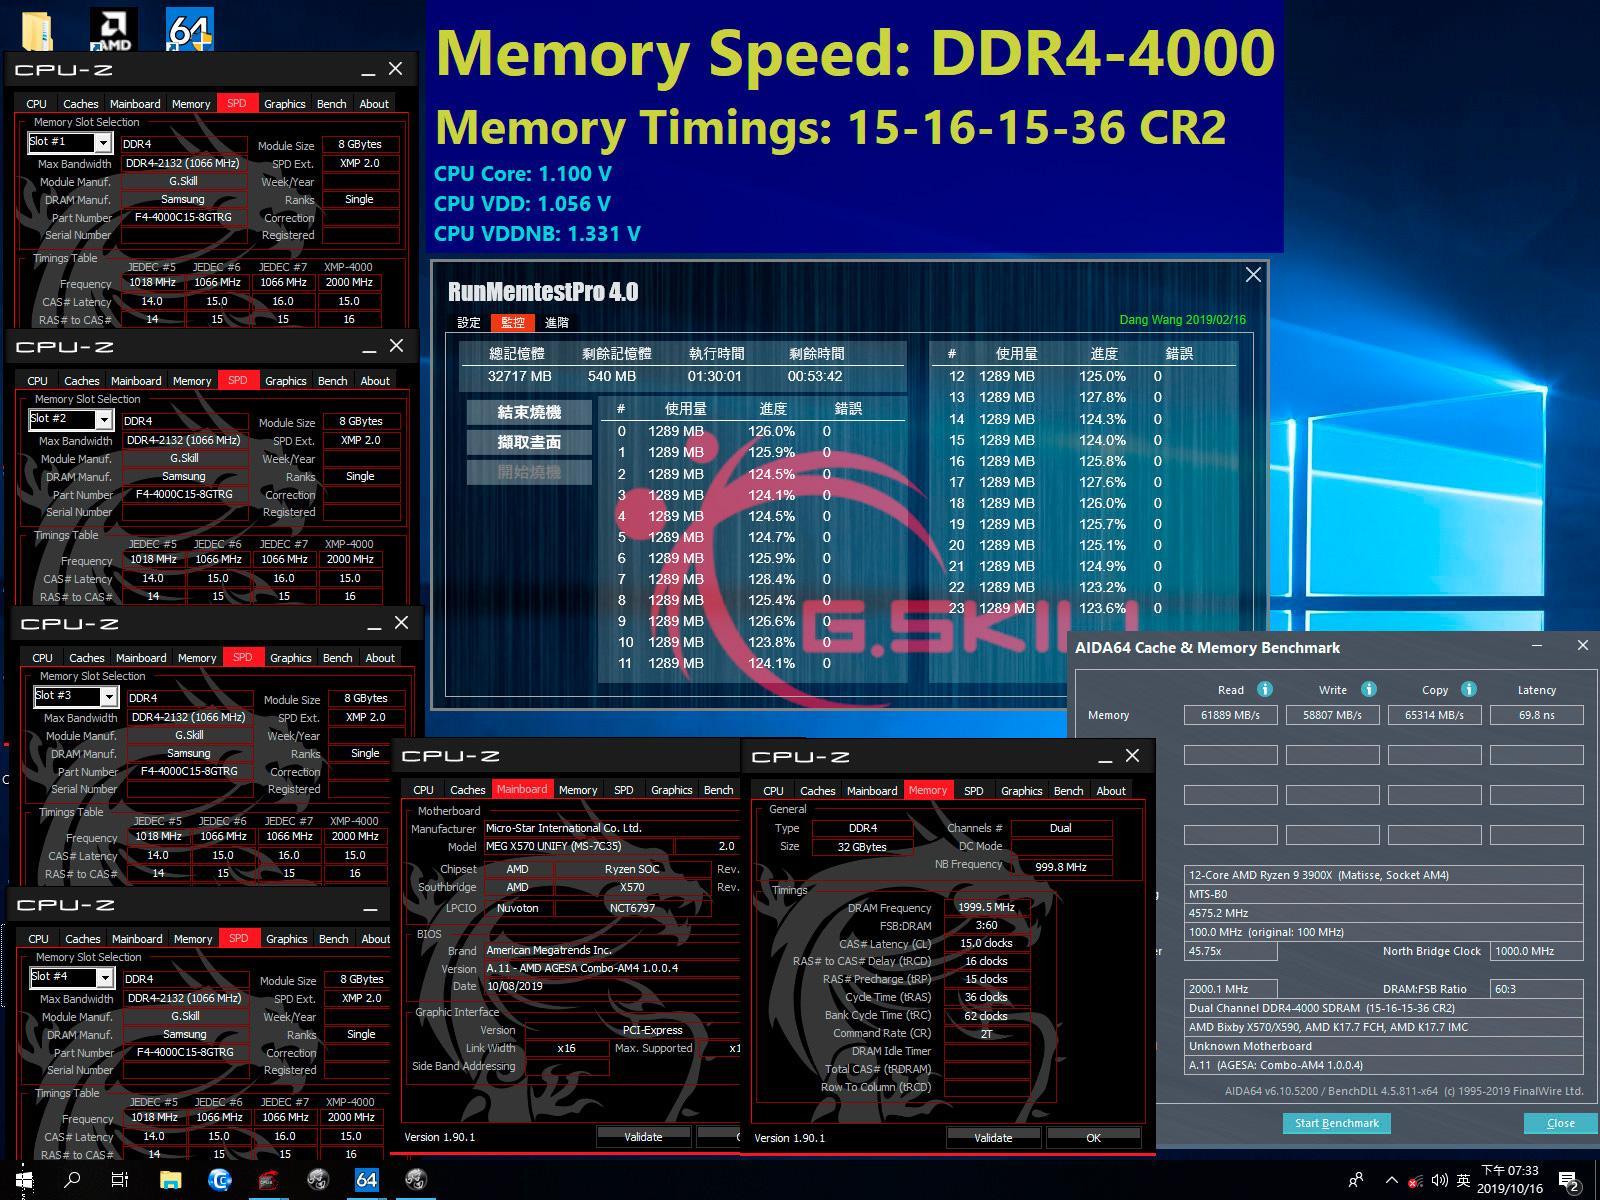 """G.Skill представила 32 ГБ комплект памяти Trident Z Royal DDR4-4000 с """"экстремально низкими таймингами"""""""